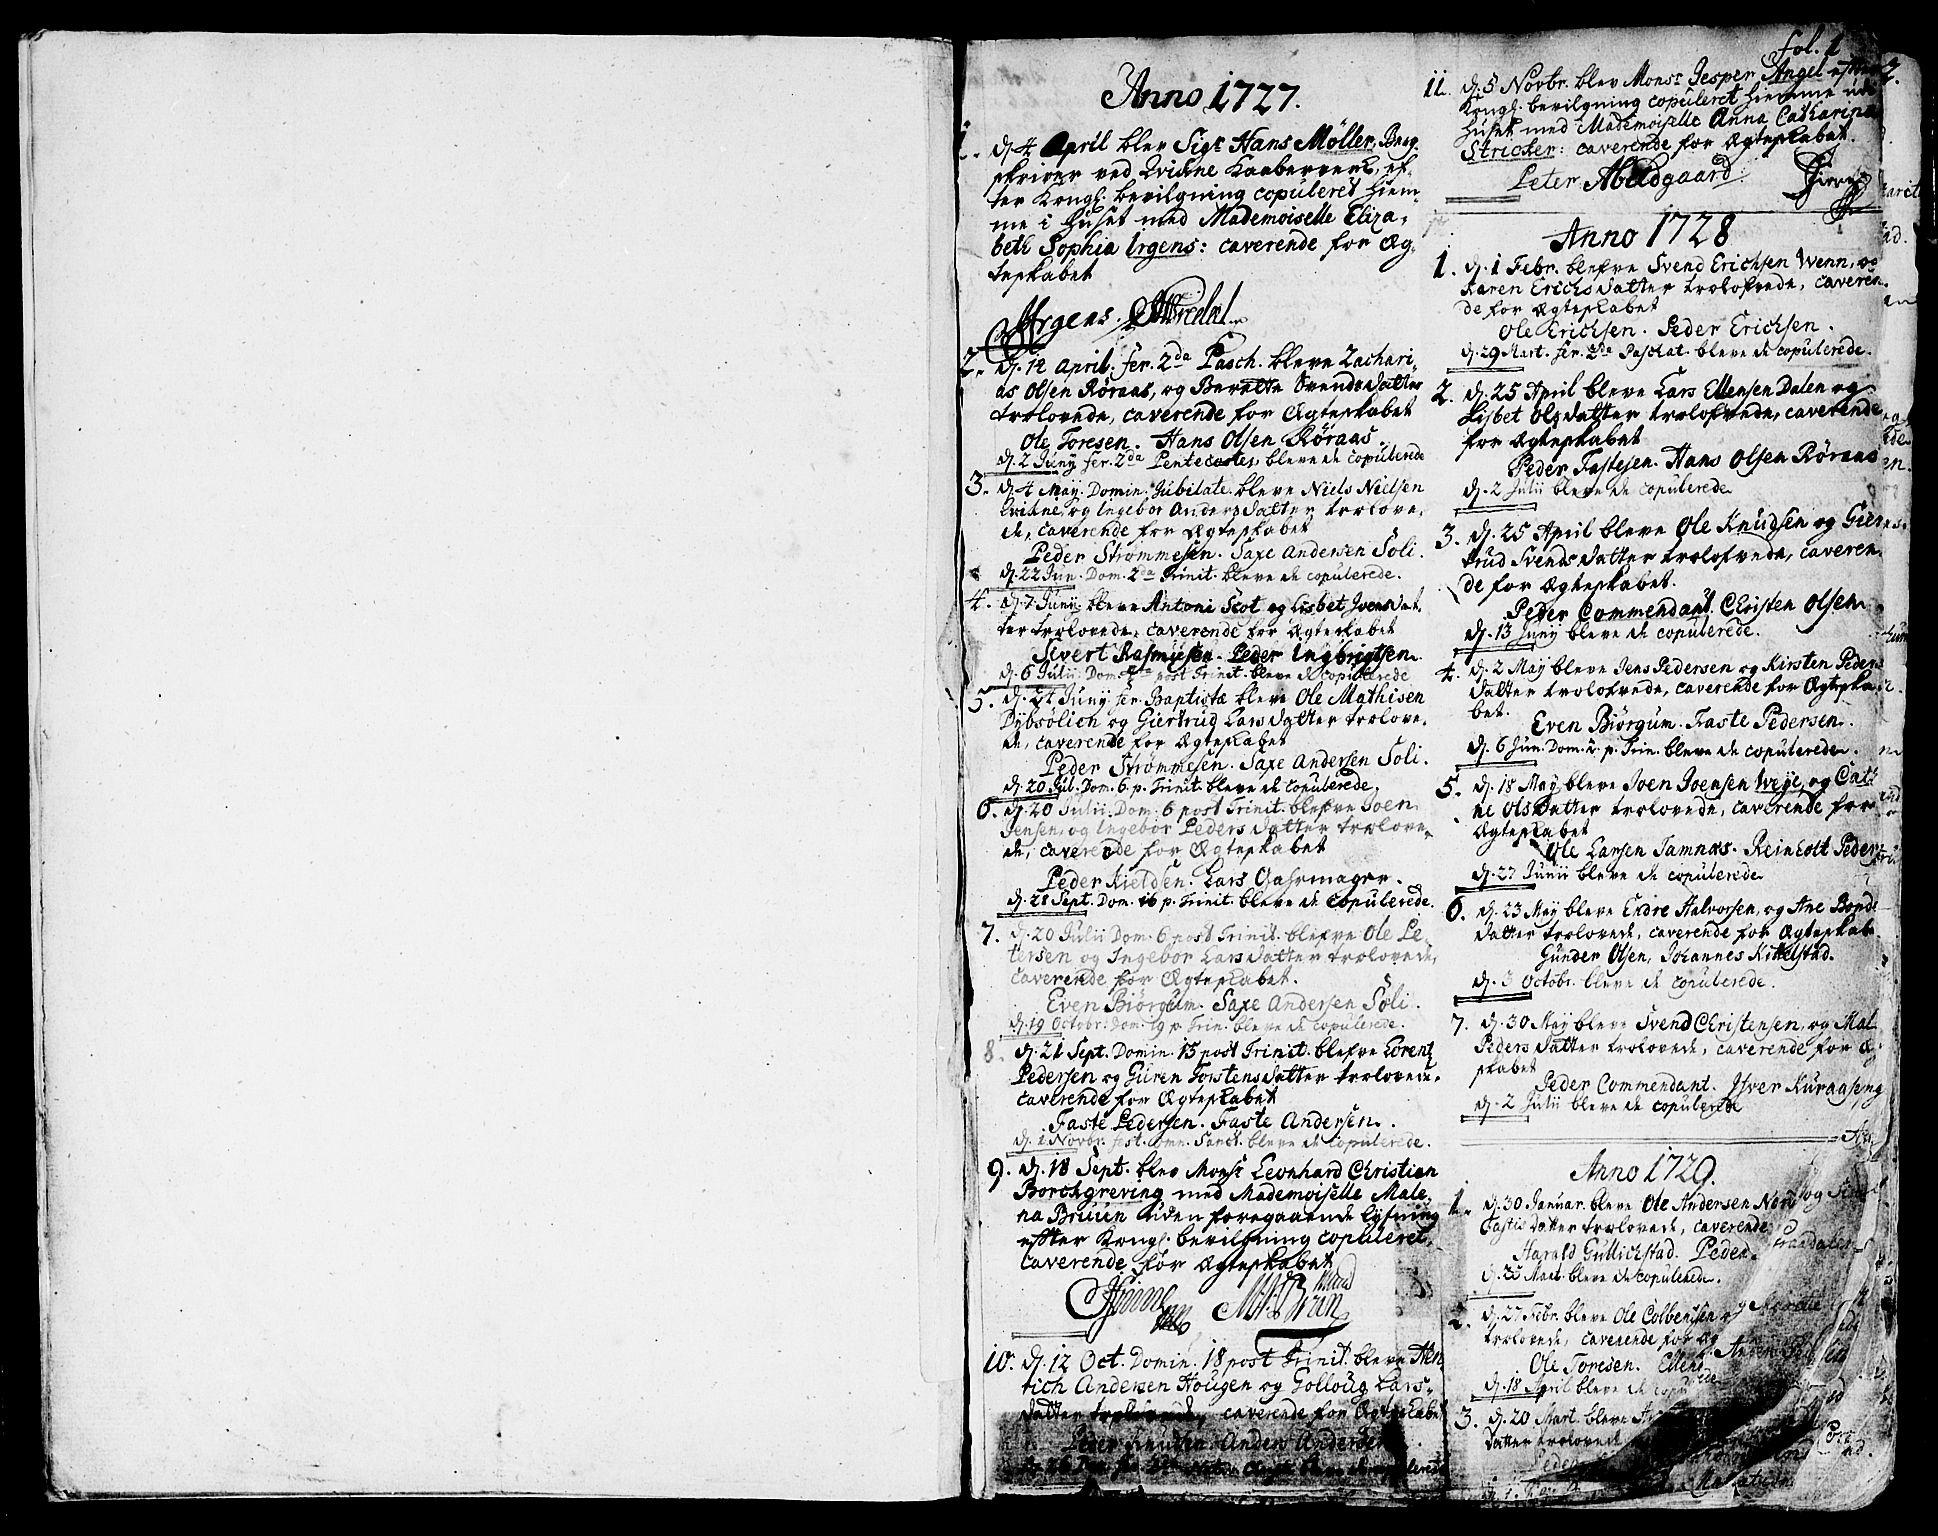 SAT, Ministerialprotokoller, klokkerbøker og fødselsregistre - Sør-Trøndelag, 681/L0925: Ministerialbok nr. 681A03, 1727-1766, s. 1